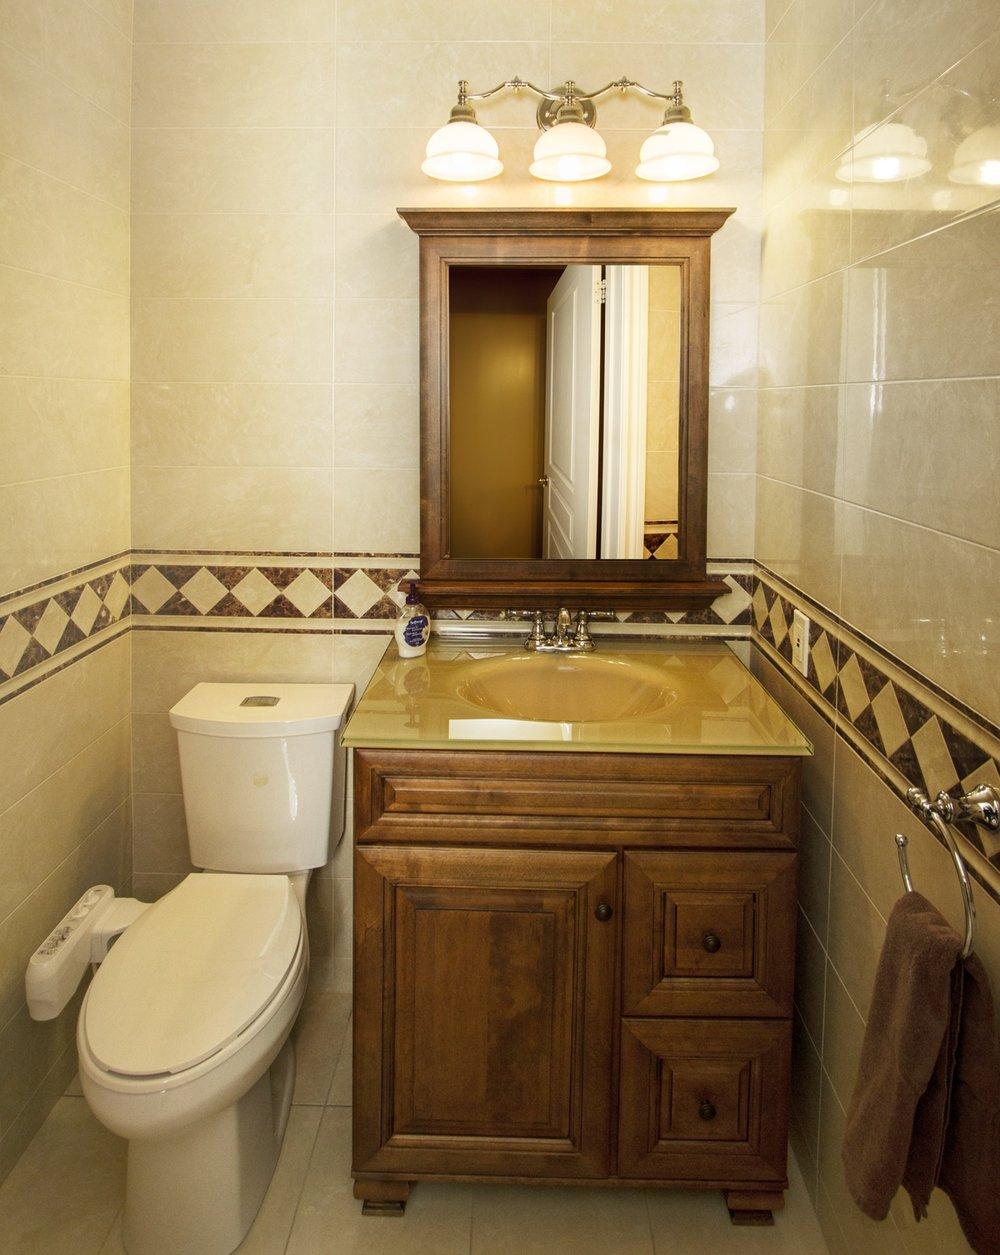 MTBS - bathroom reno